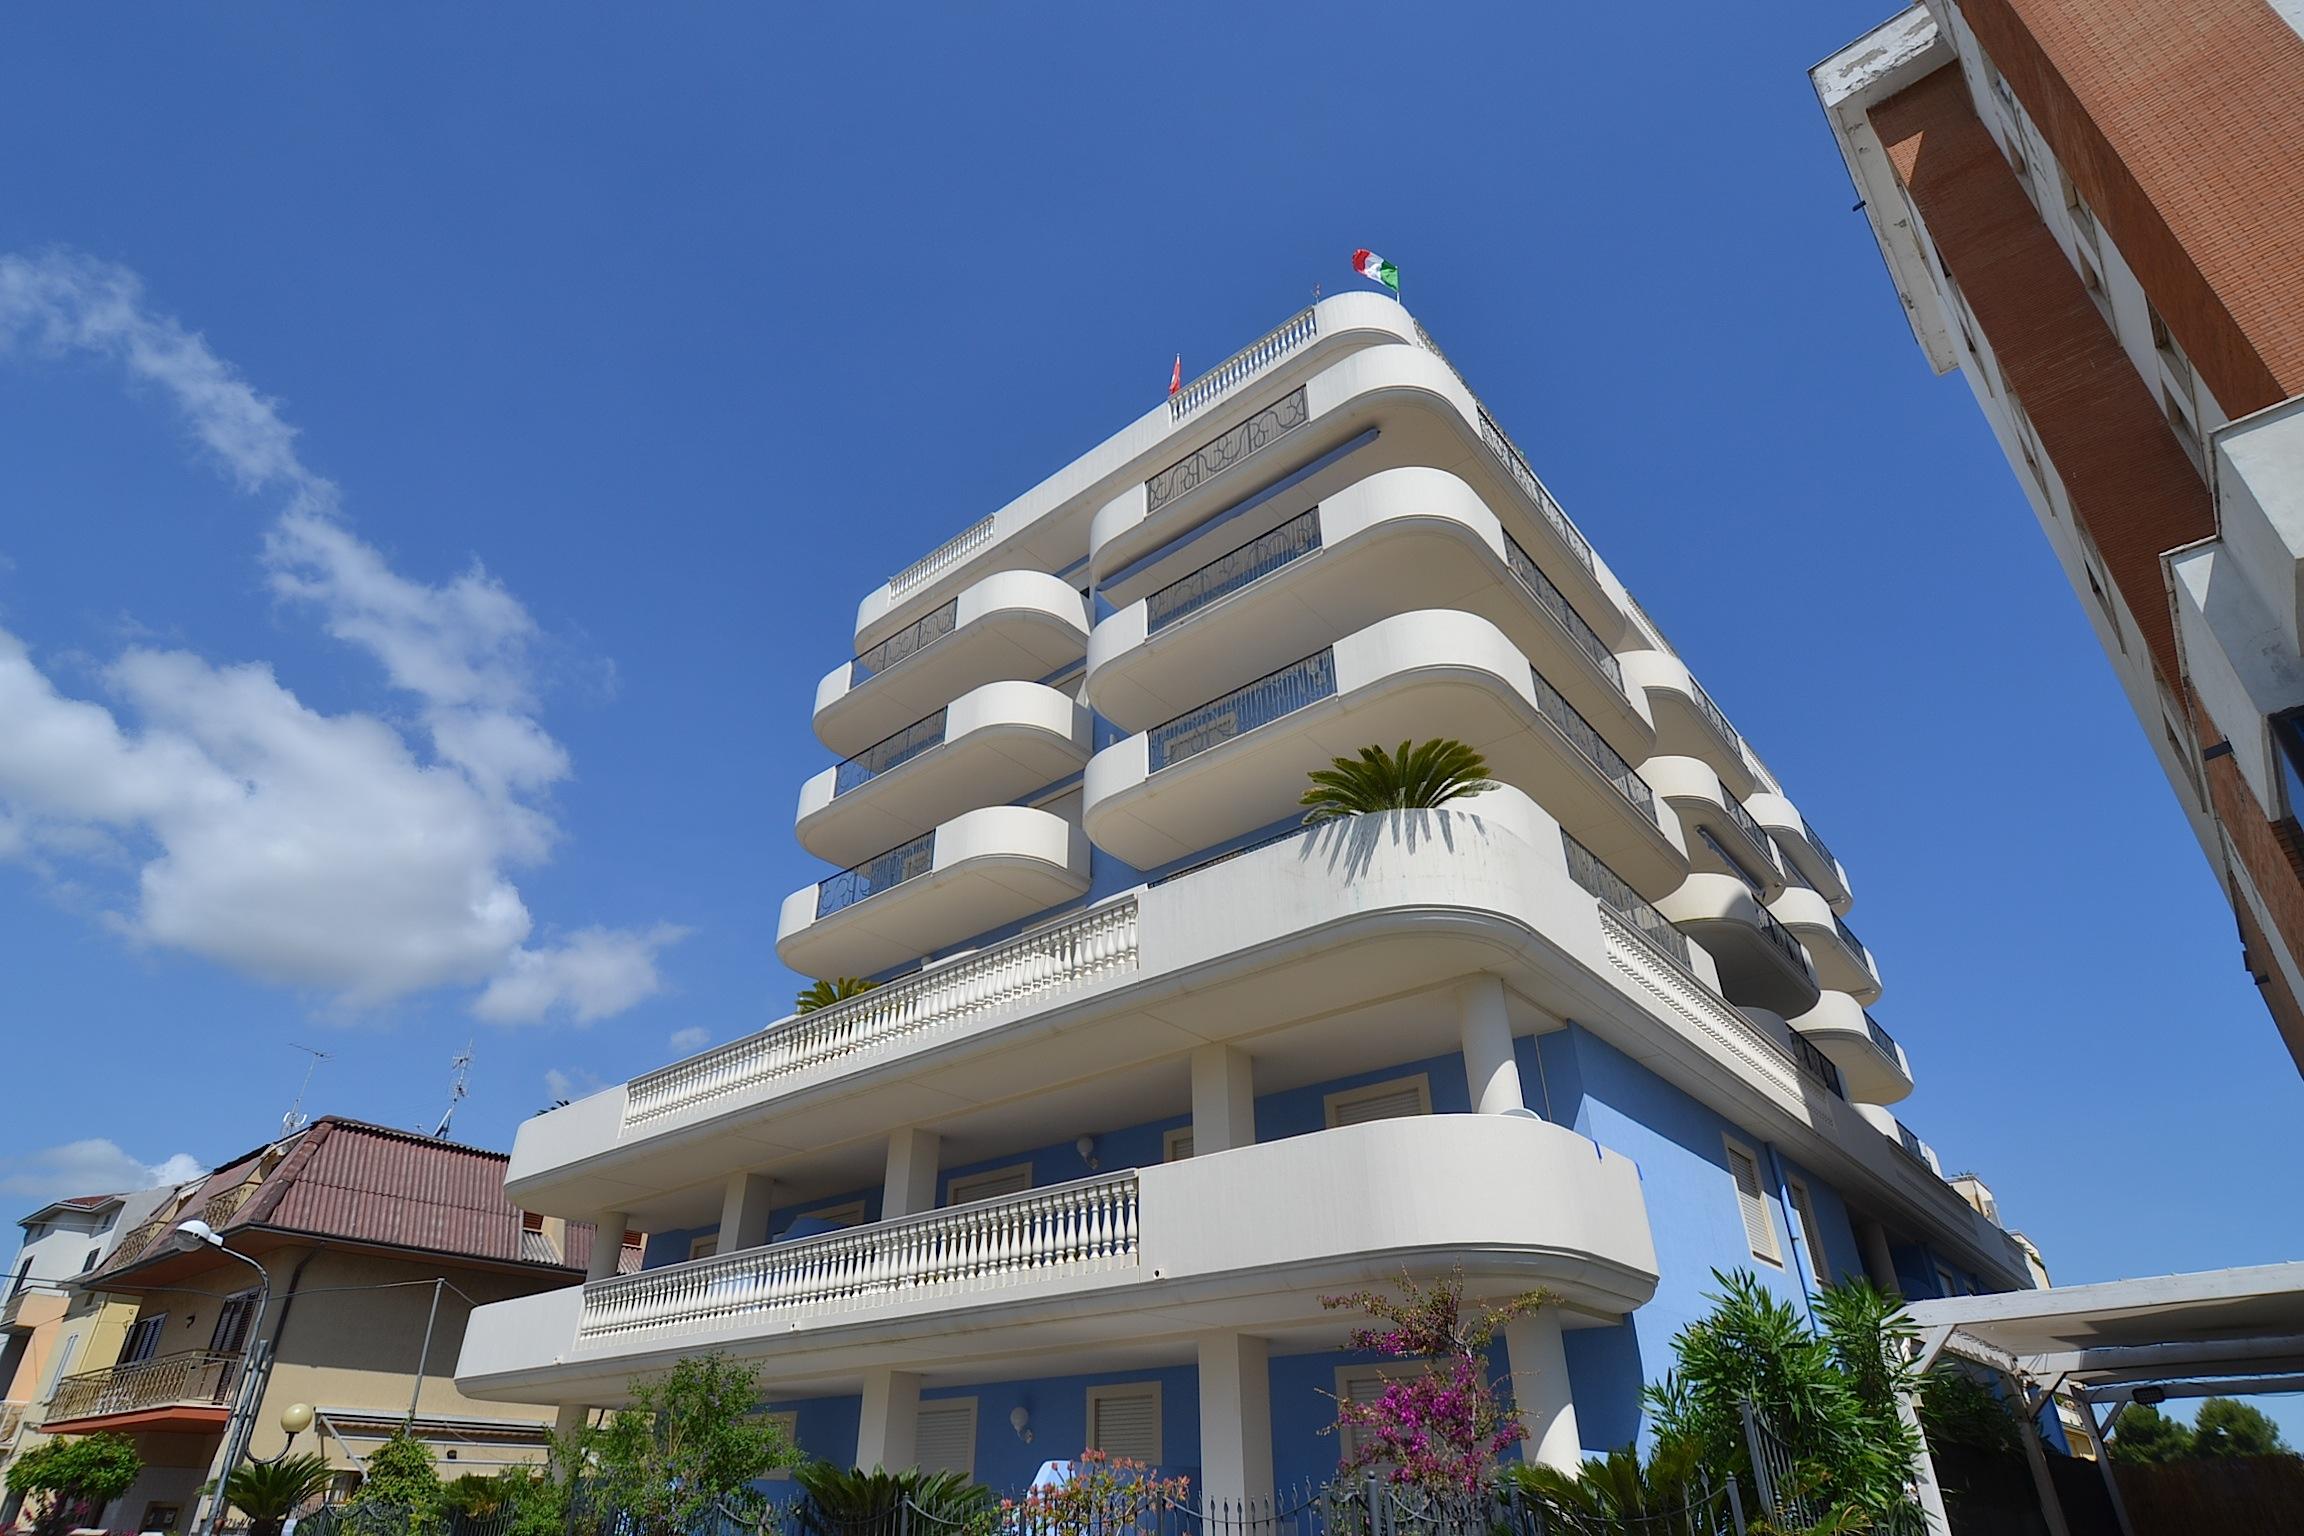 Appartamento in Vendita a Alba Adriatica Cod. 28071